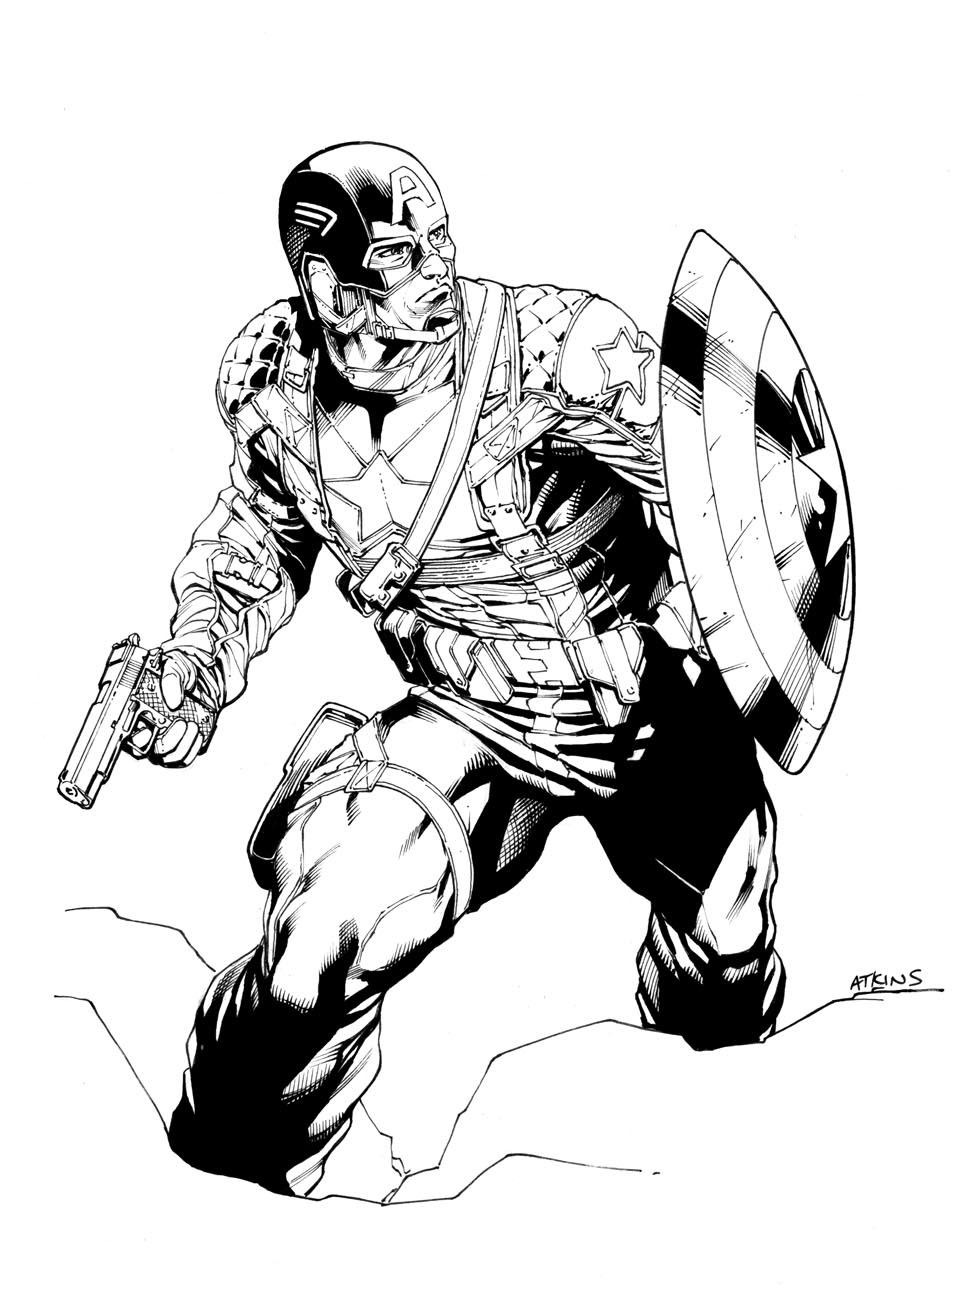 Robert Atkins Art: Avengers April Captain America...